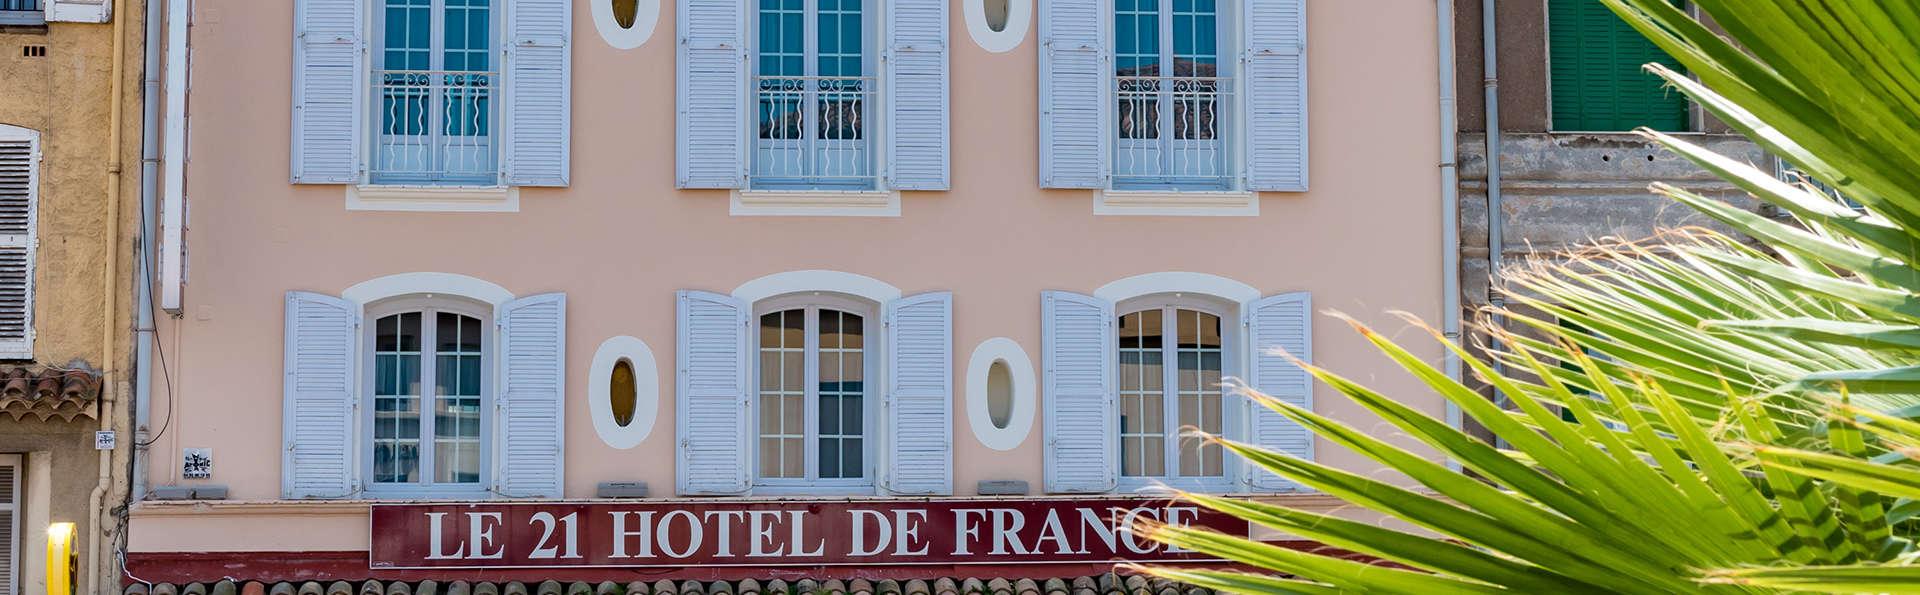 Hôtel Le 21 - Edit_Front2.jpg